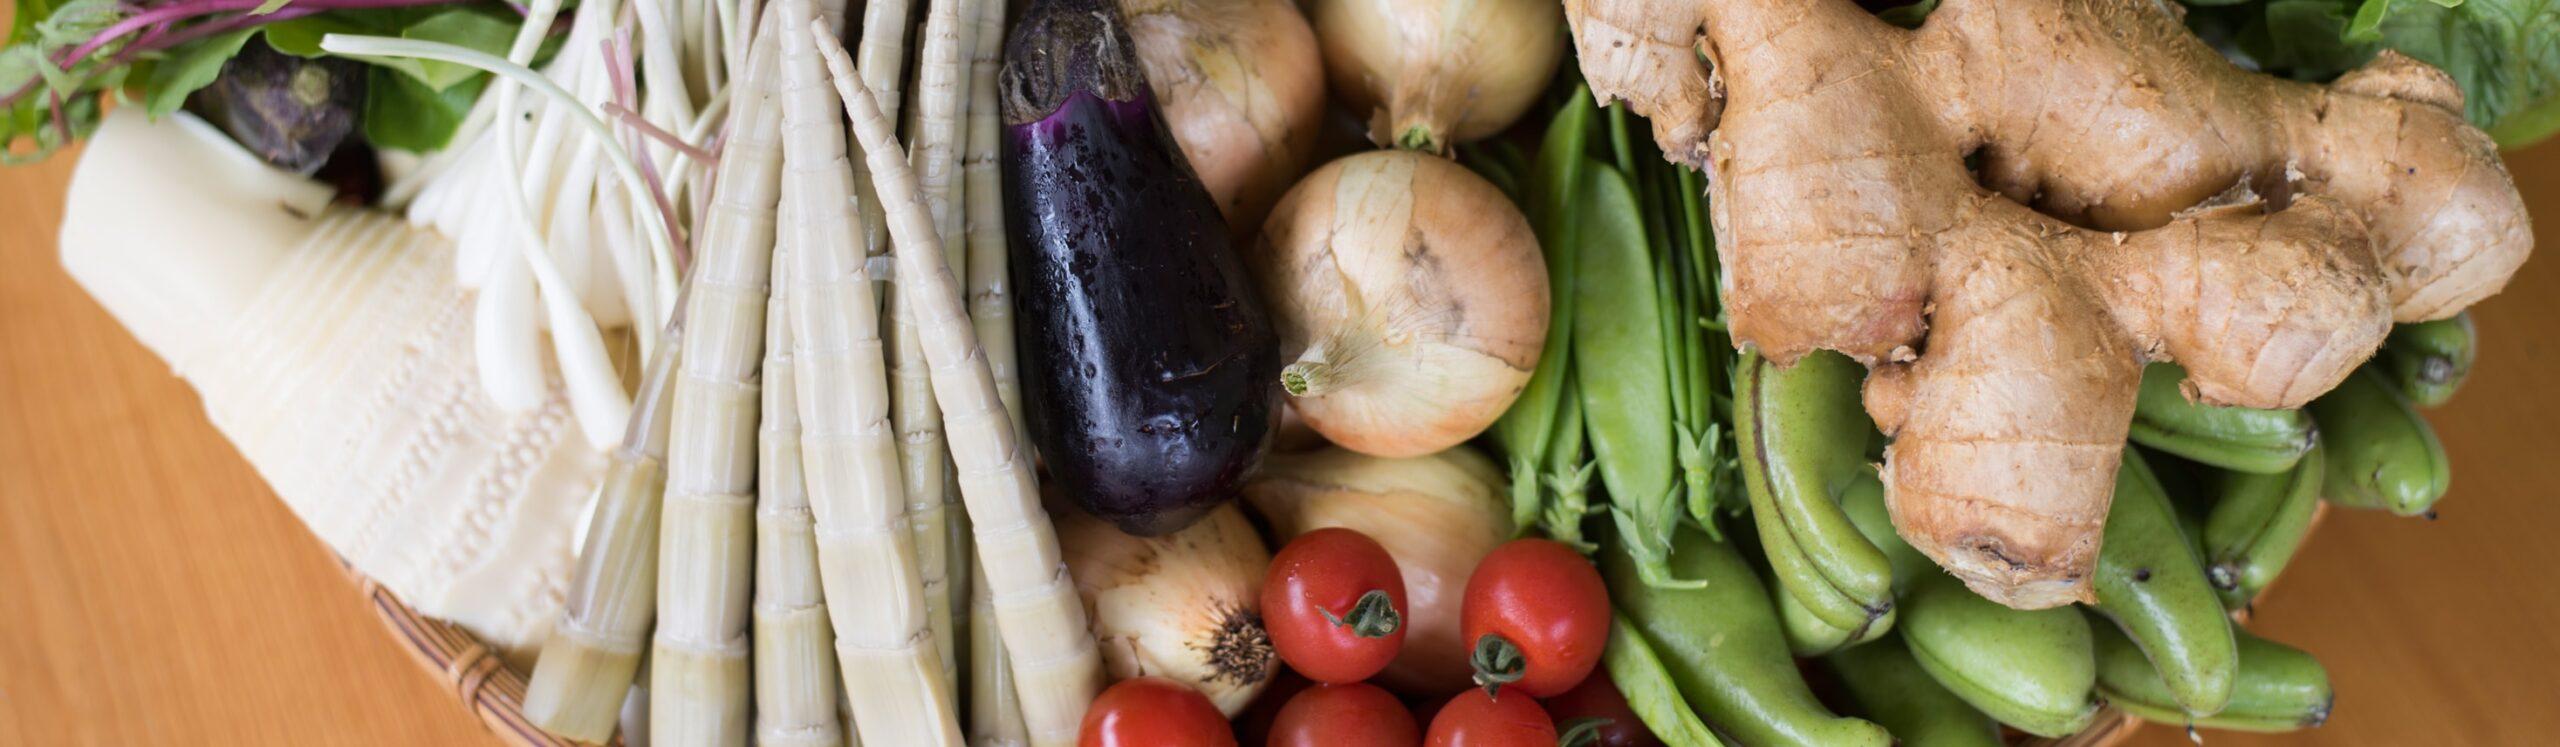 土佐山の野菜